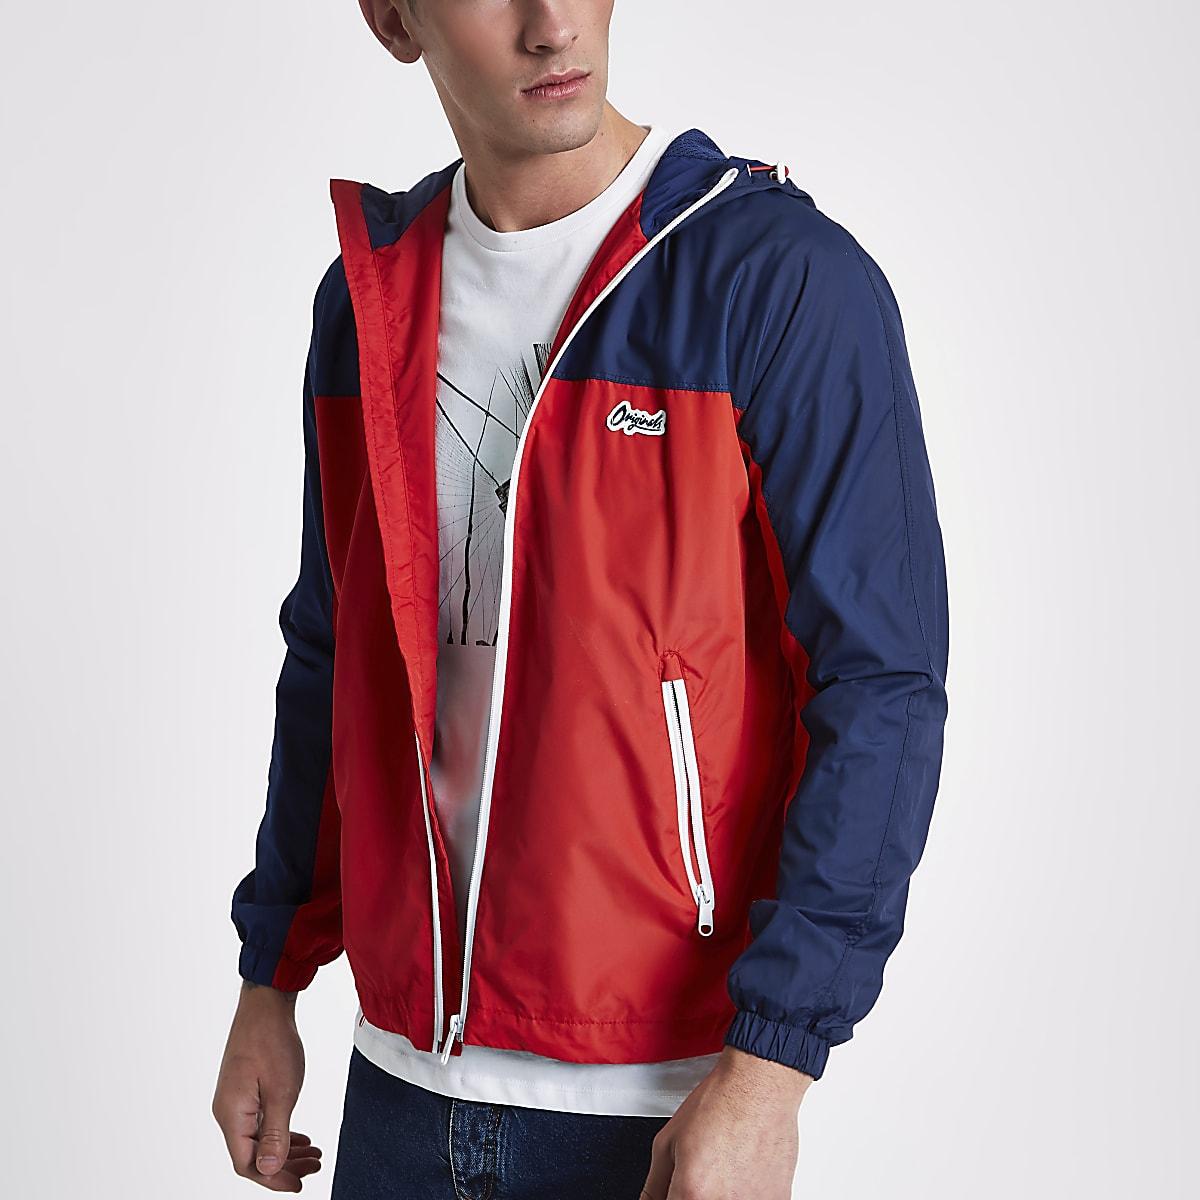 Jack & Jones red Originals lightweight jacket